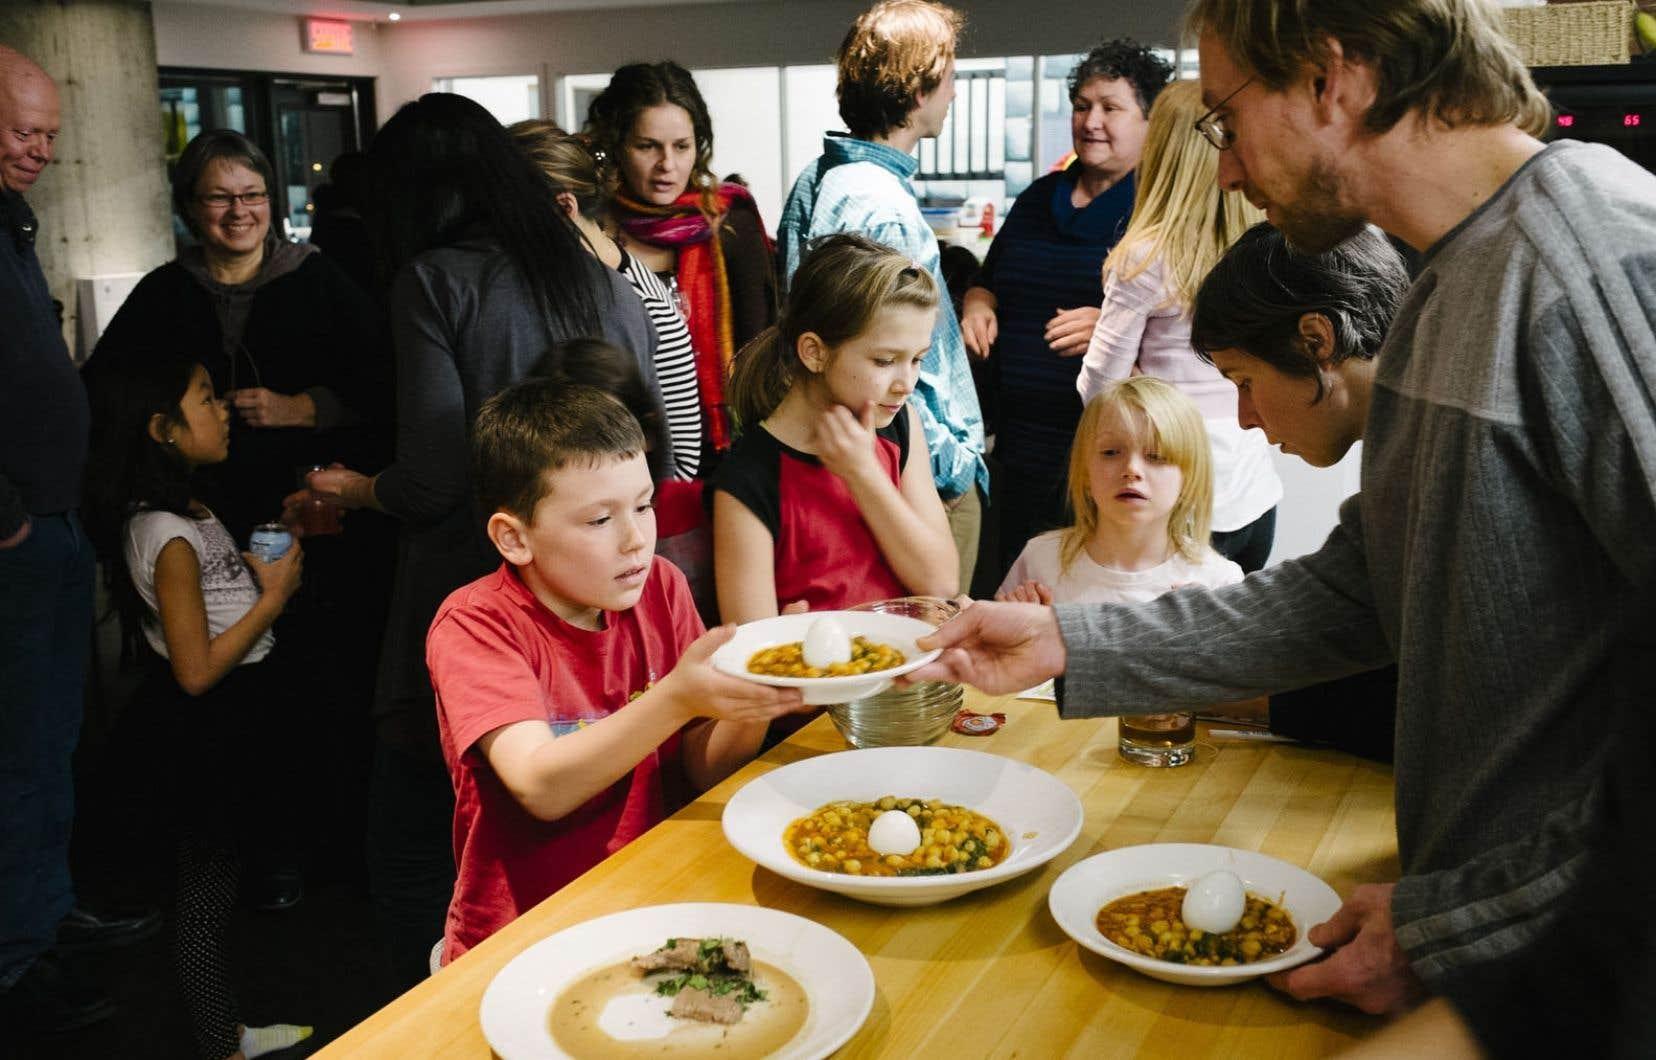 À Cohabitat, les repas sont communautaires.